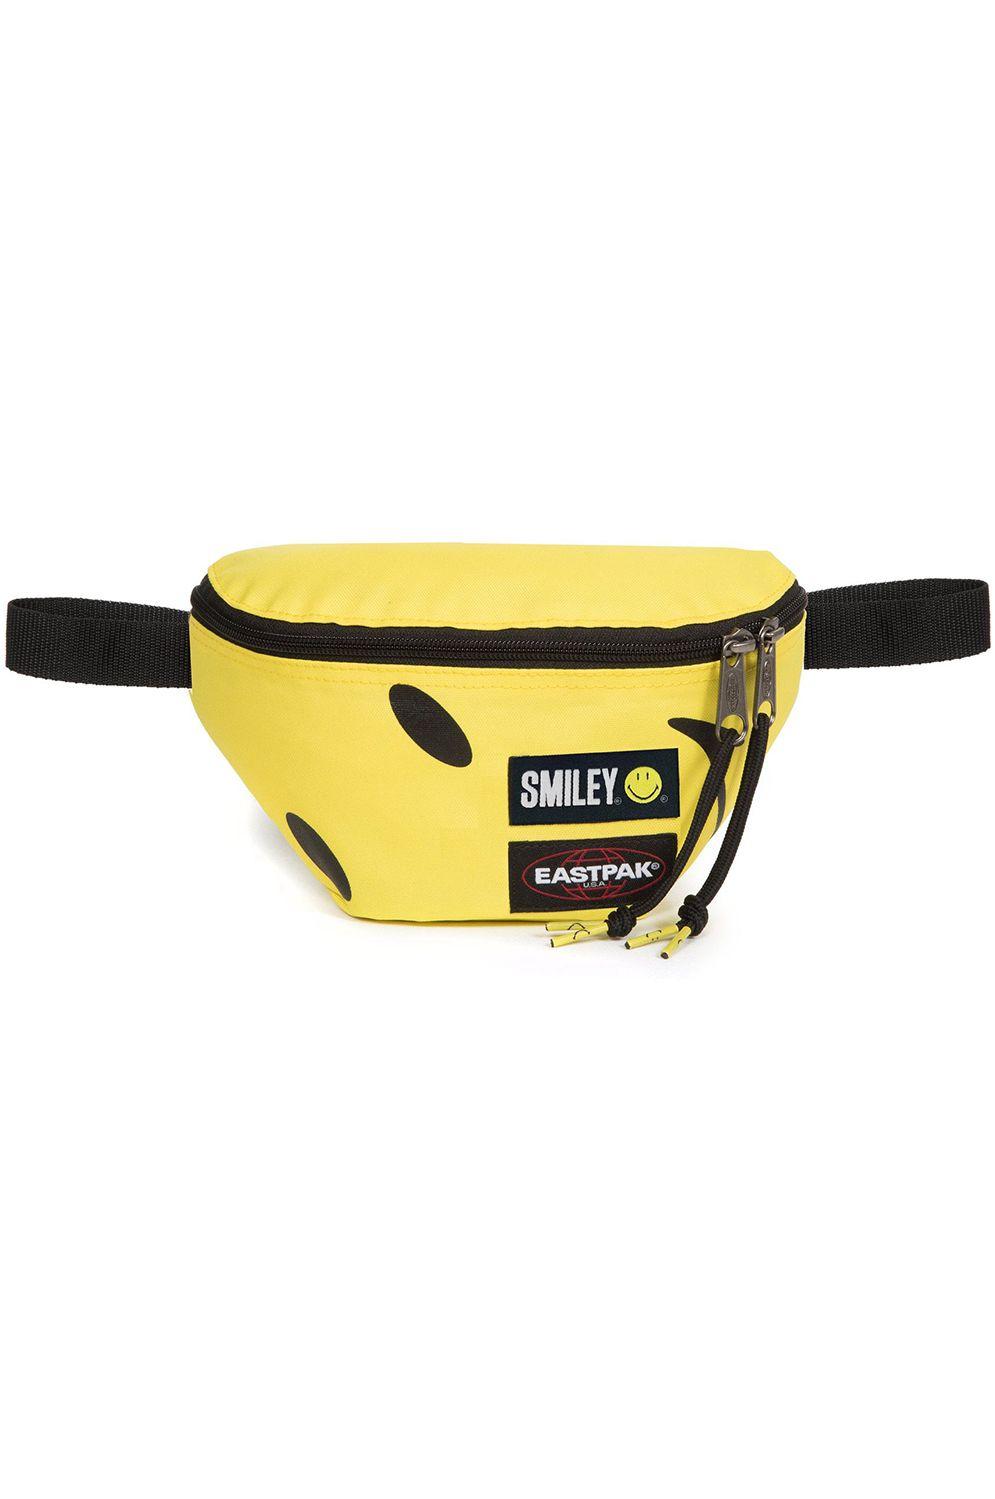 Eastpak Waist Bag SPRINGER Smiley Big